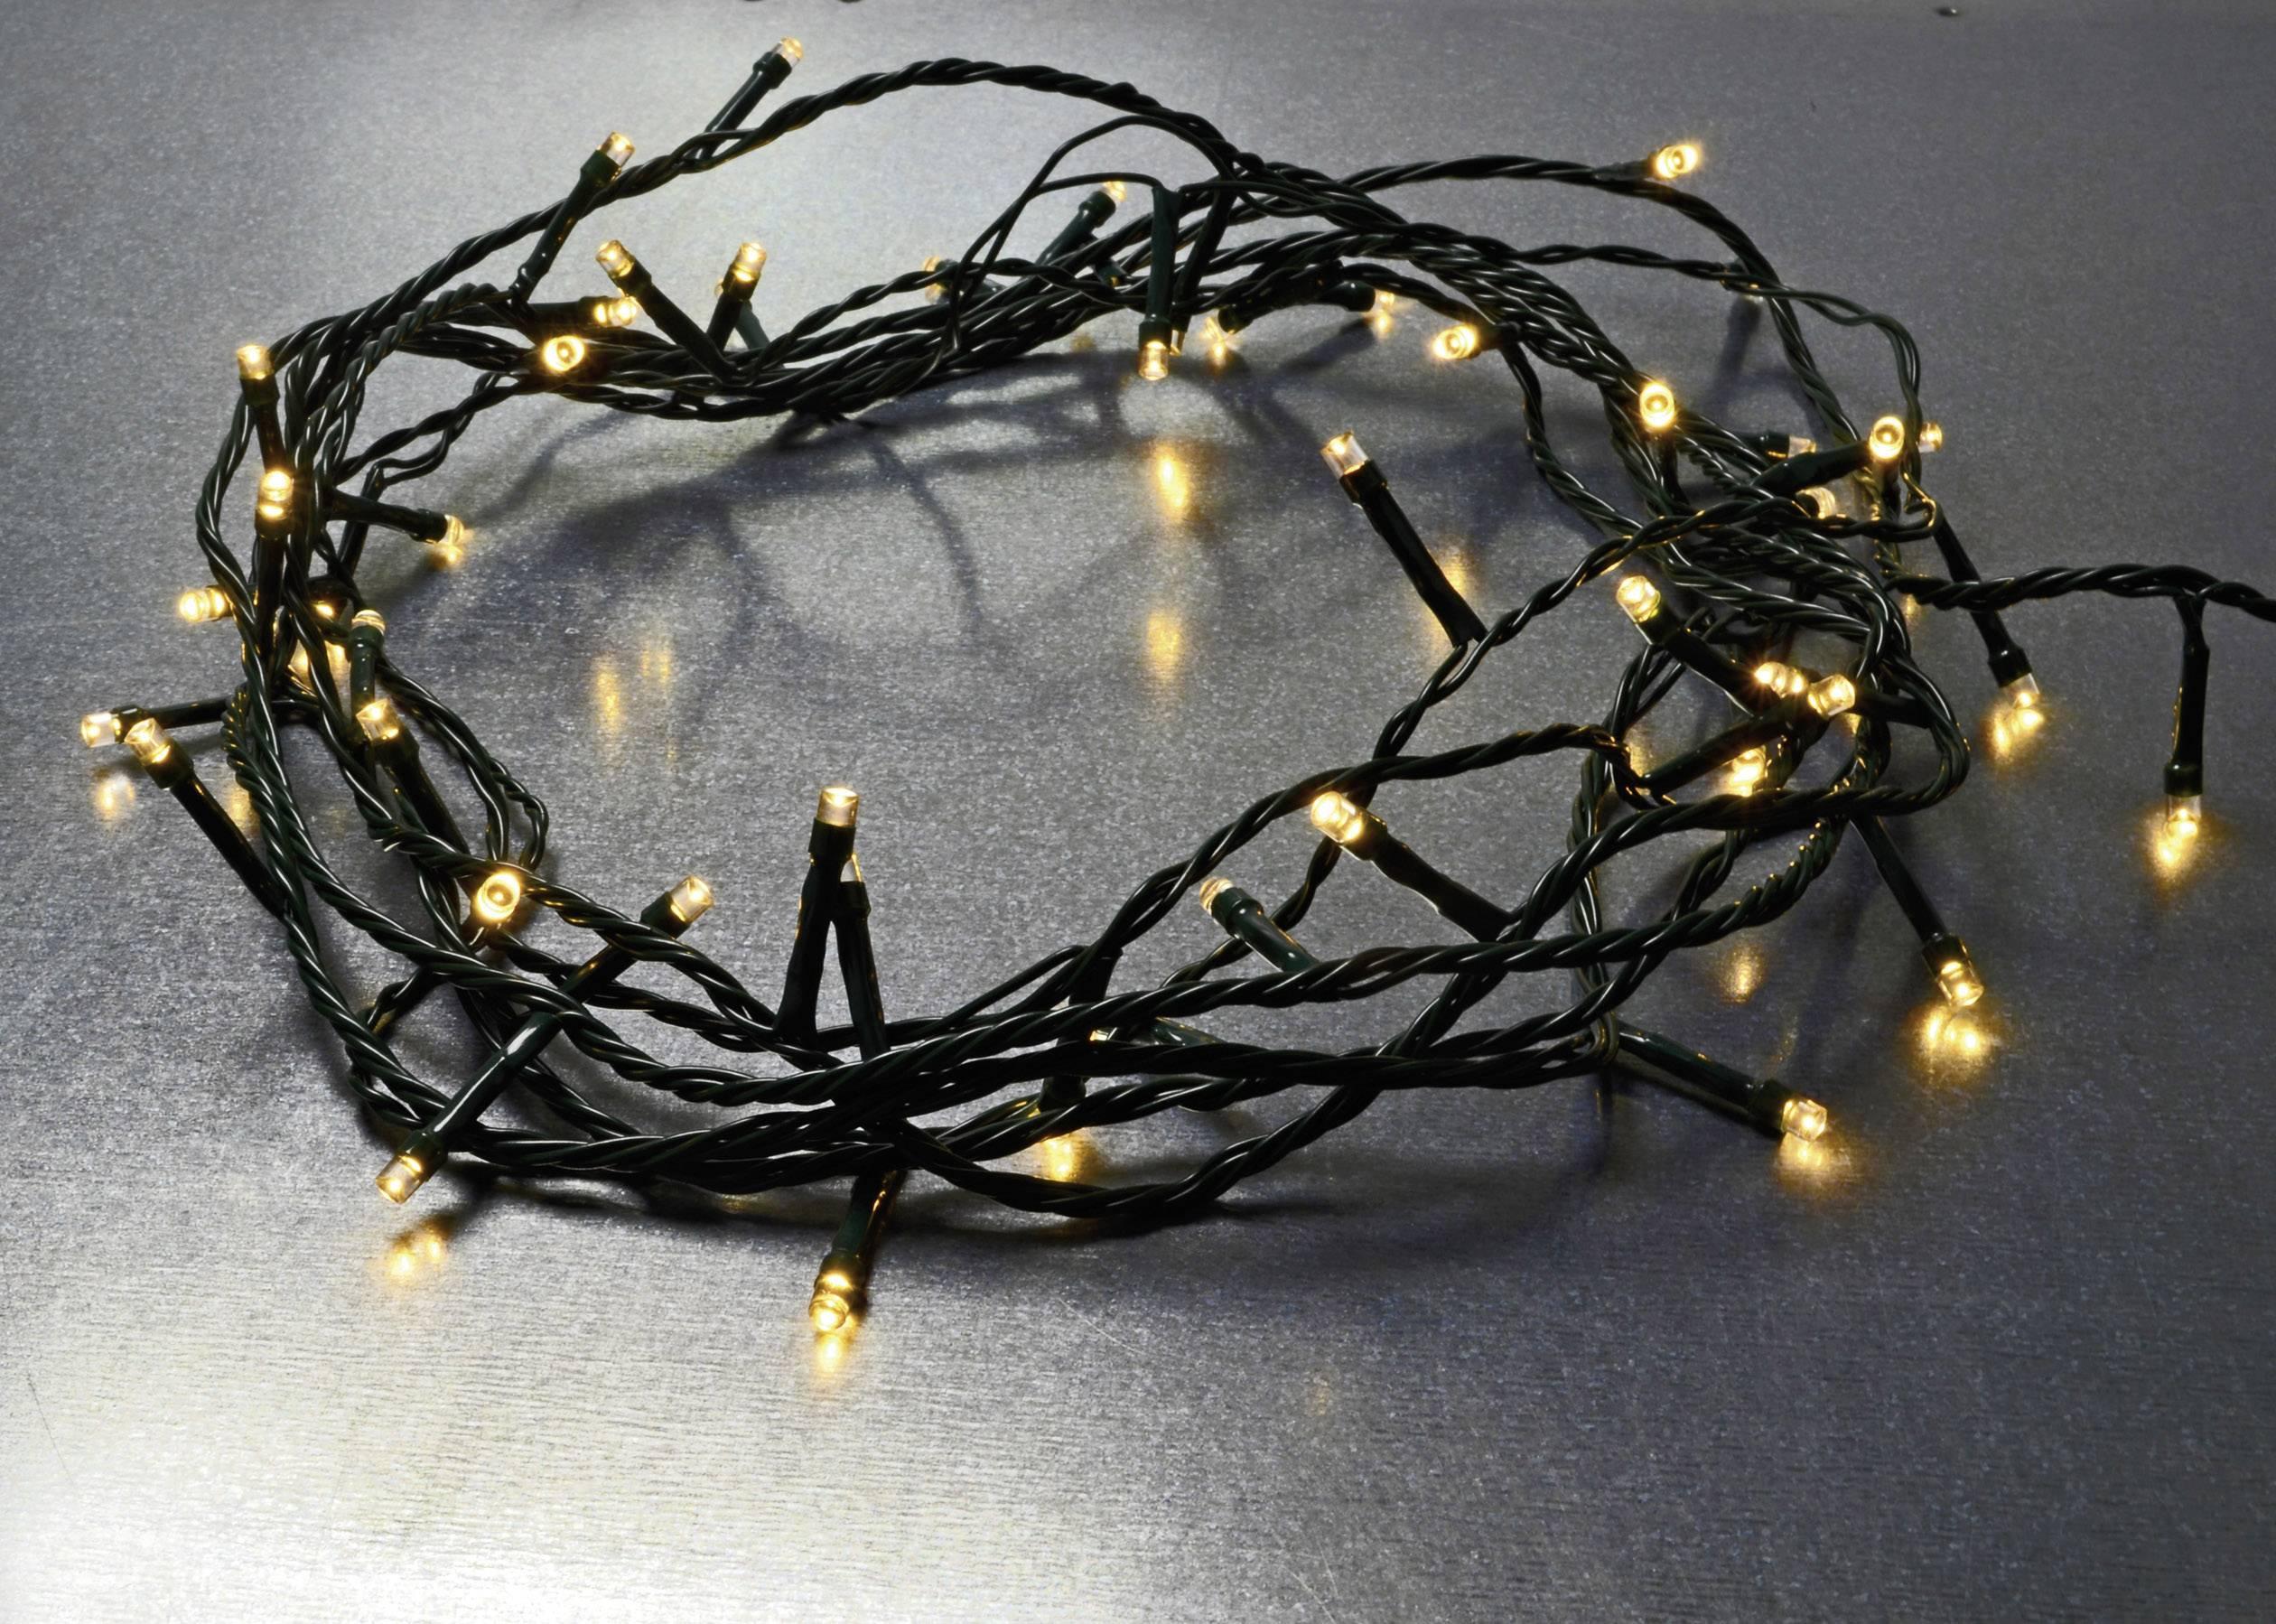 X life illuminazione per albero di natale interno esterno a